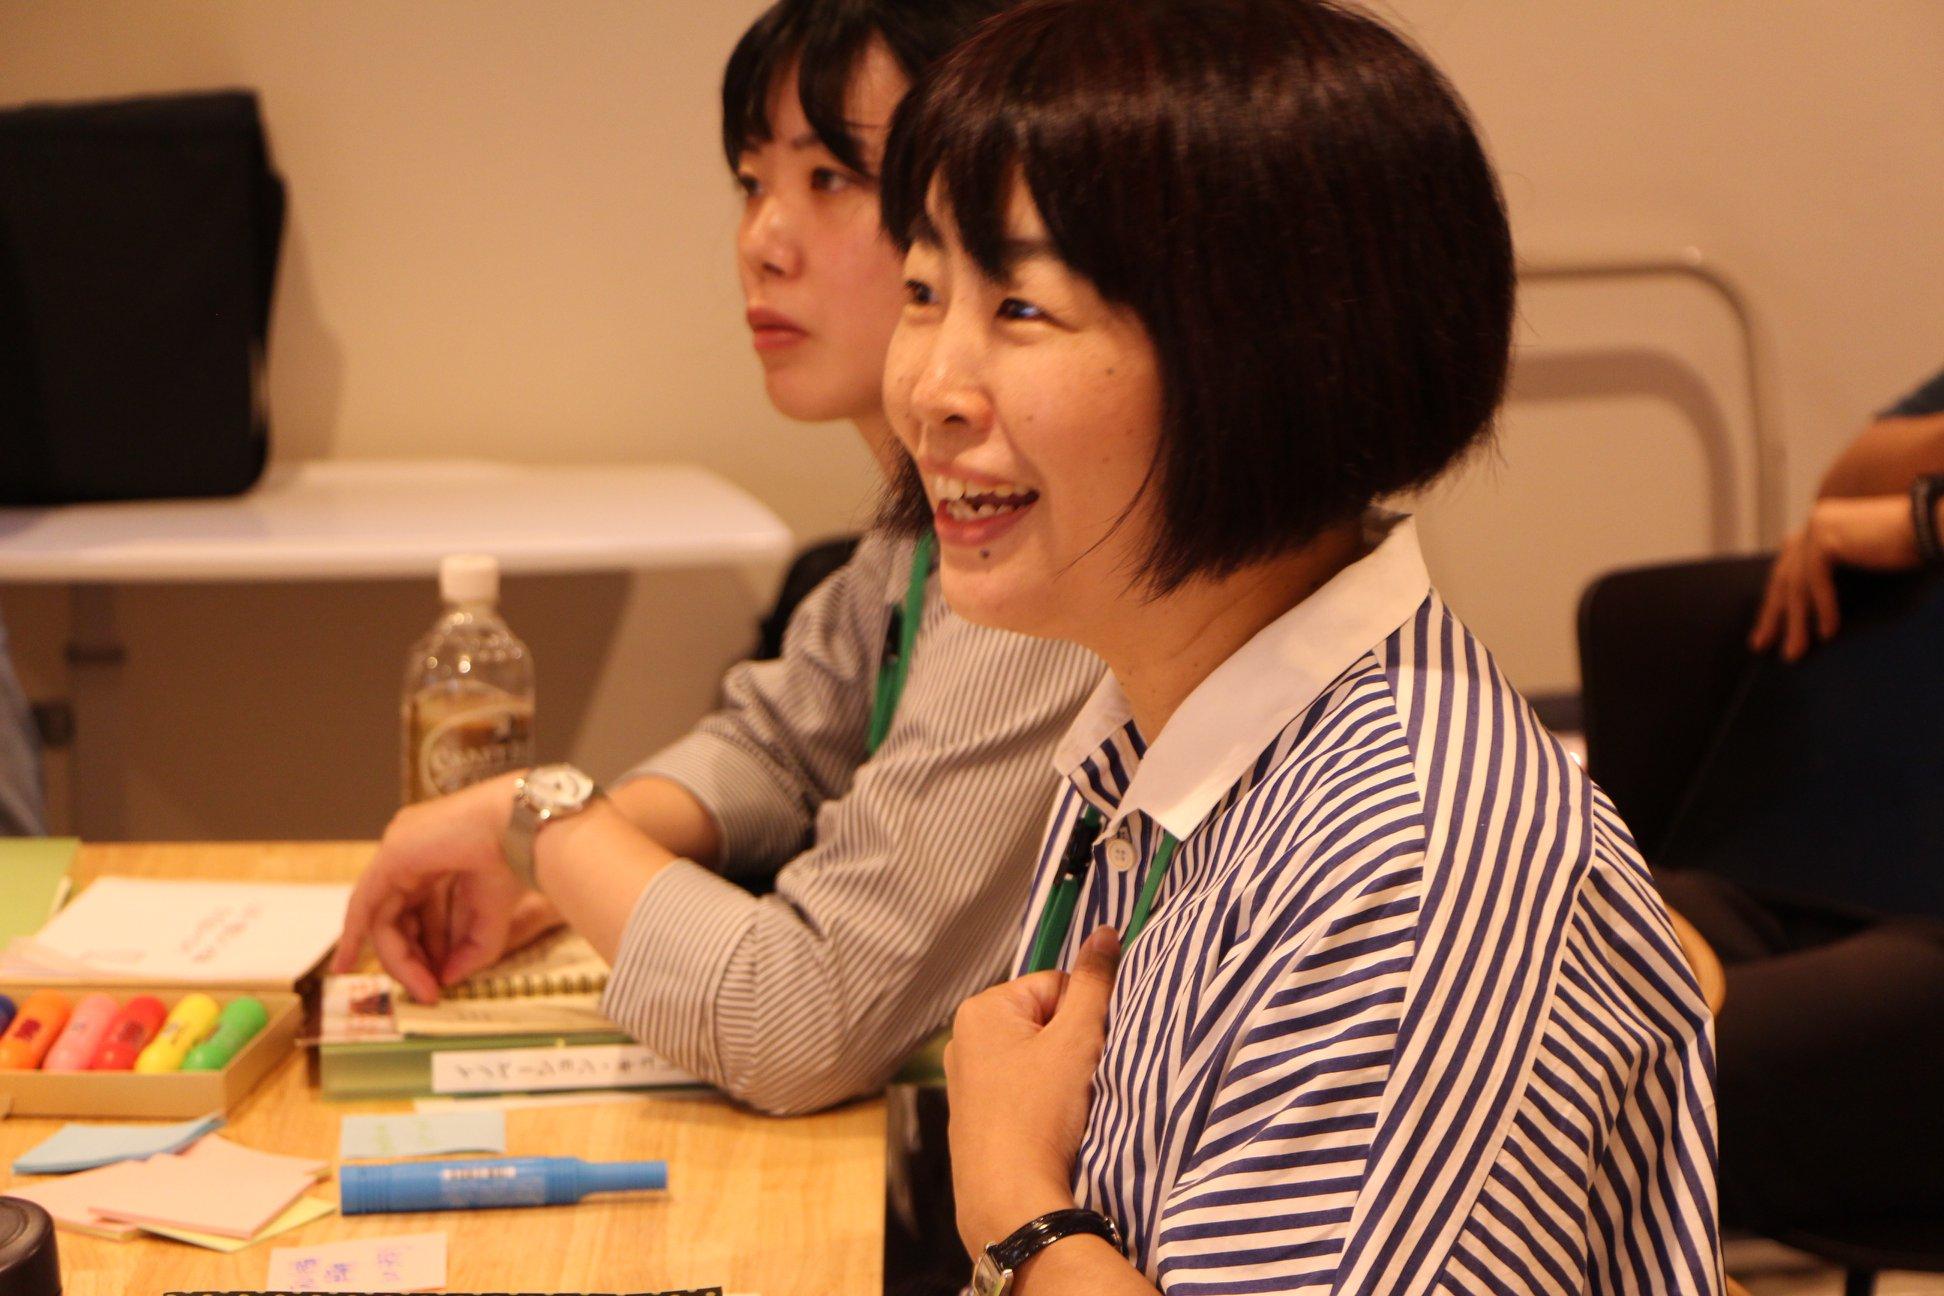 京都生活協同組合 上羽祐子さんーイノベーション・キュレーター塾生インタビュー